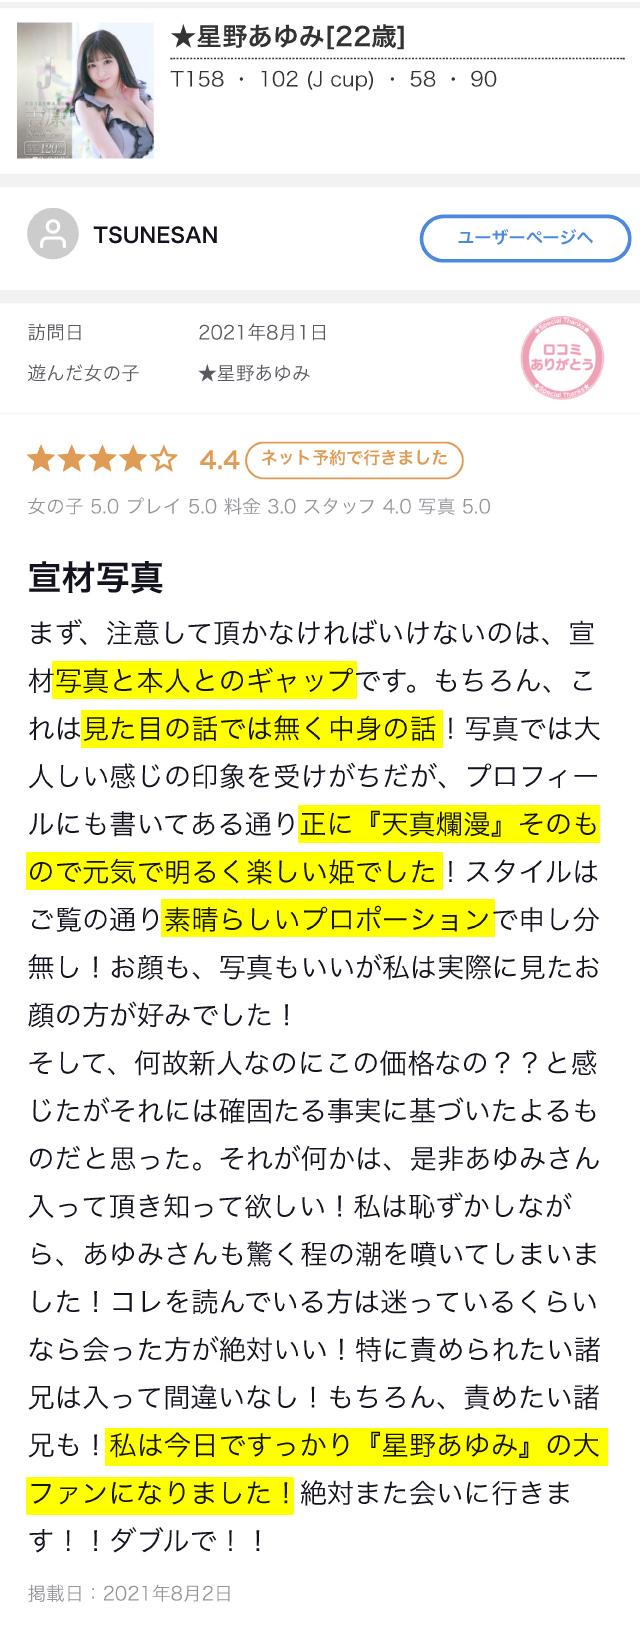 新人入店 吉原ソープ ショコラ